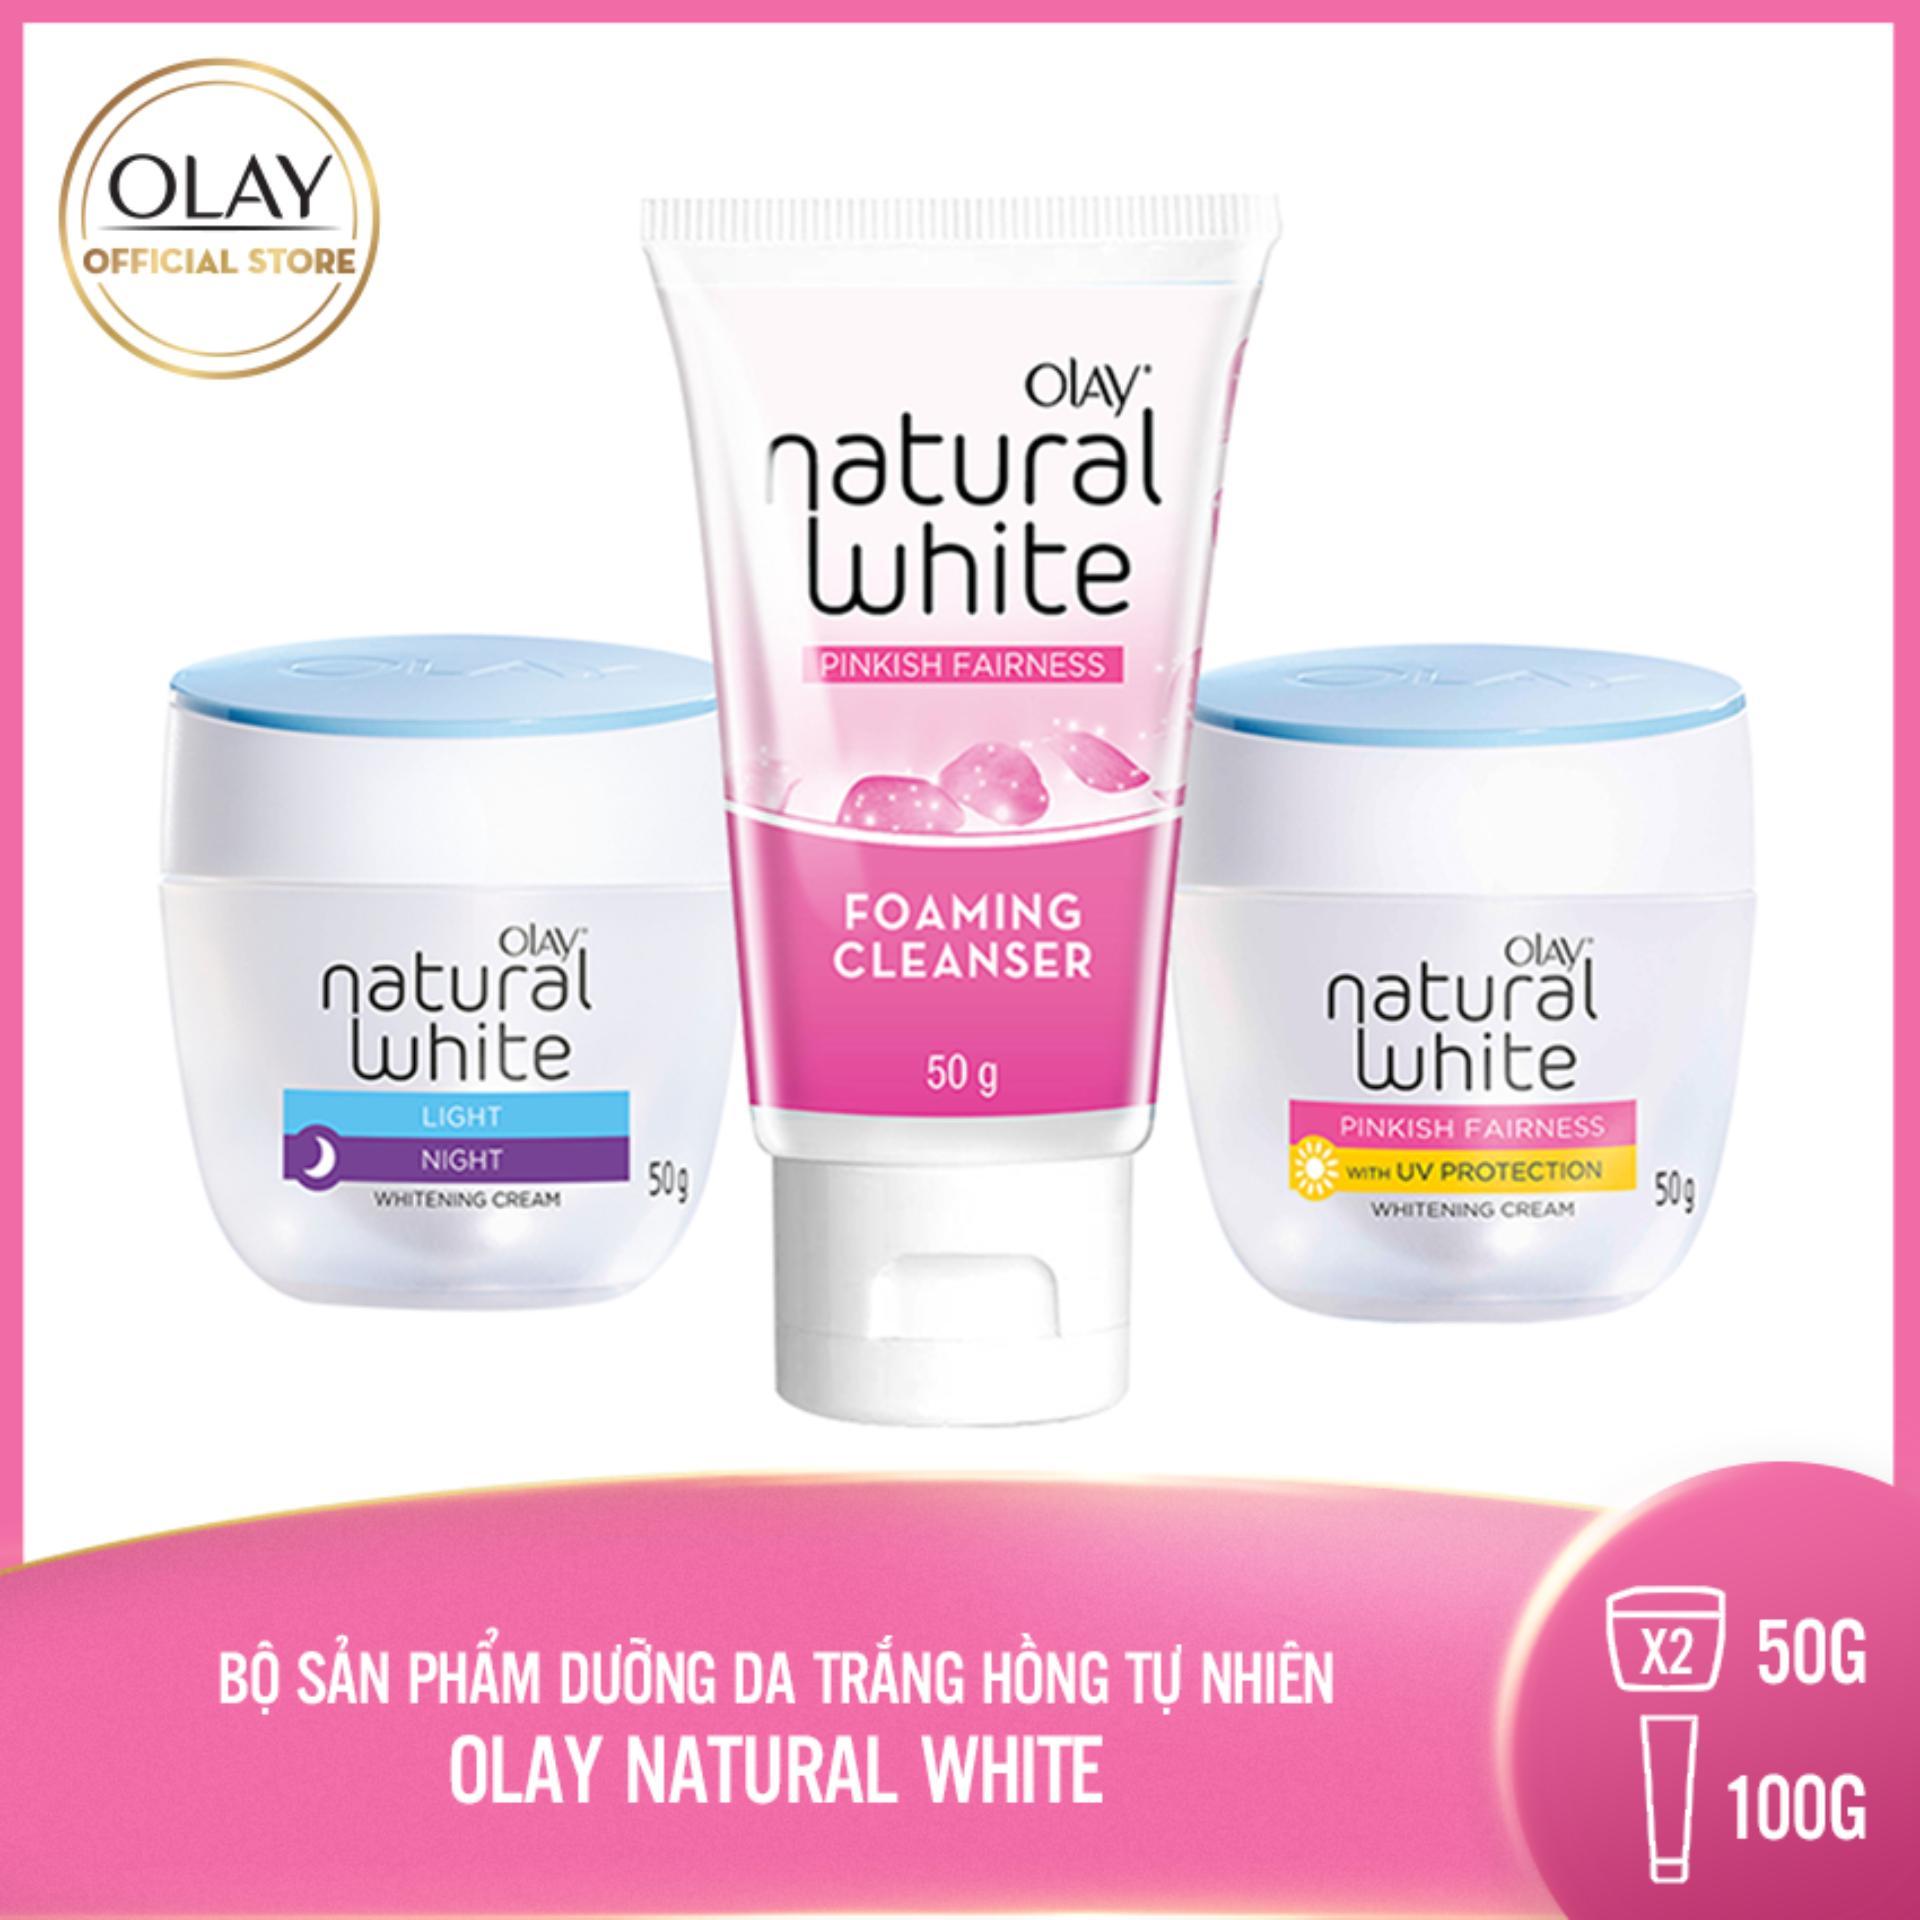 Trọn bộ 3 sản phẩm Dưỡng da Trắng Hồng Tự Nhiên Olay Natural White:  1 Kem dưỡng (ngày) 50g + 1 Kem dưỡng (đêm) 50g + 1 Sữa rửa mặt 50g